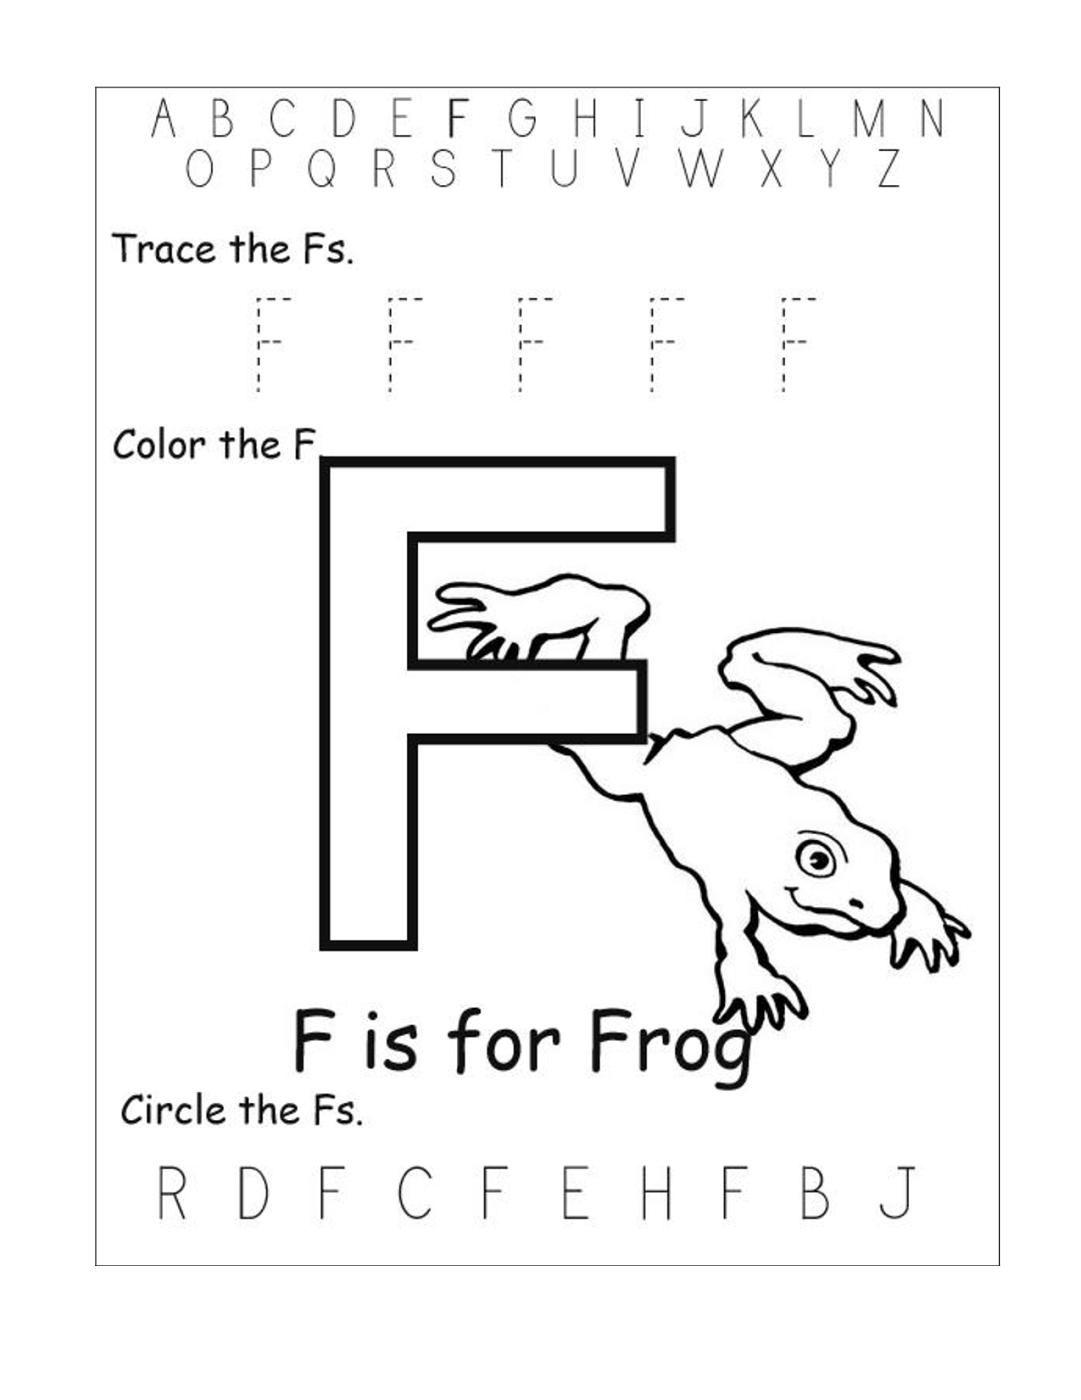 Letter F Worksheets For Preschool Worksheets For All with F Letter Worksheets Preschool